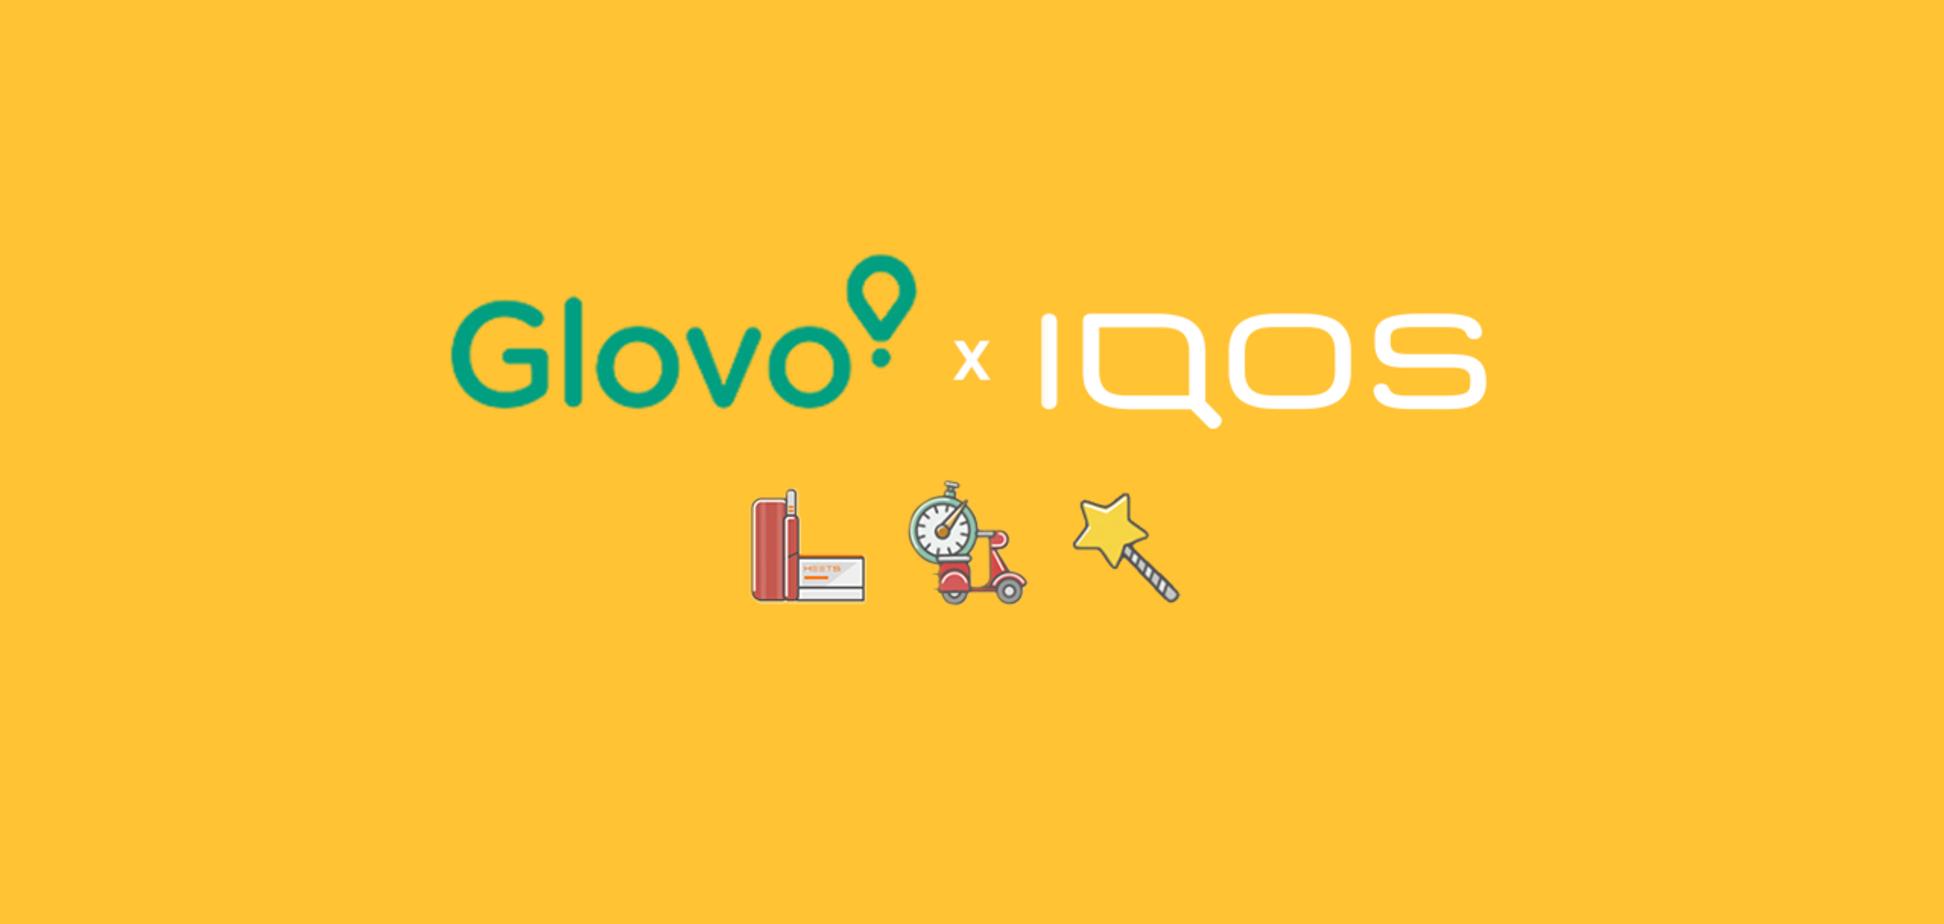 Glovo будет доставлять IQOS и стики в 11 городах. По большинству направлений – бесплатно